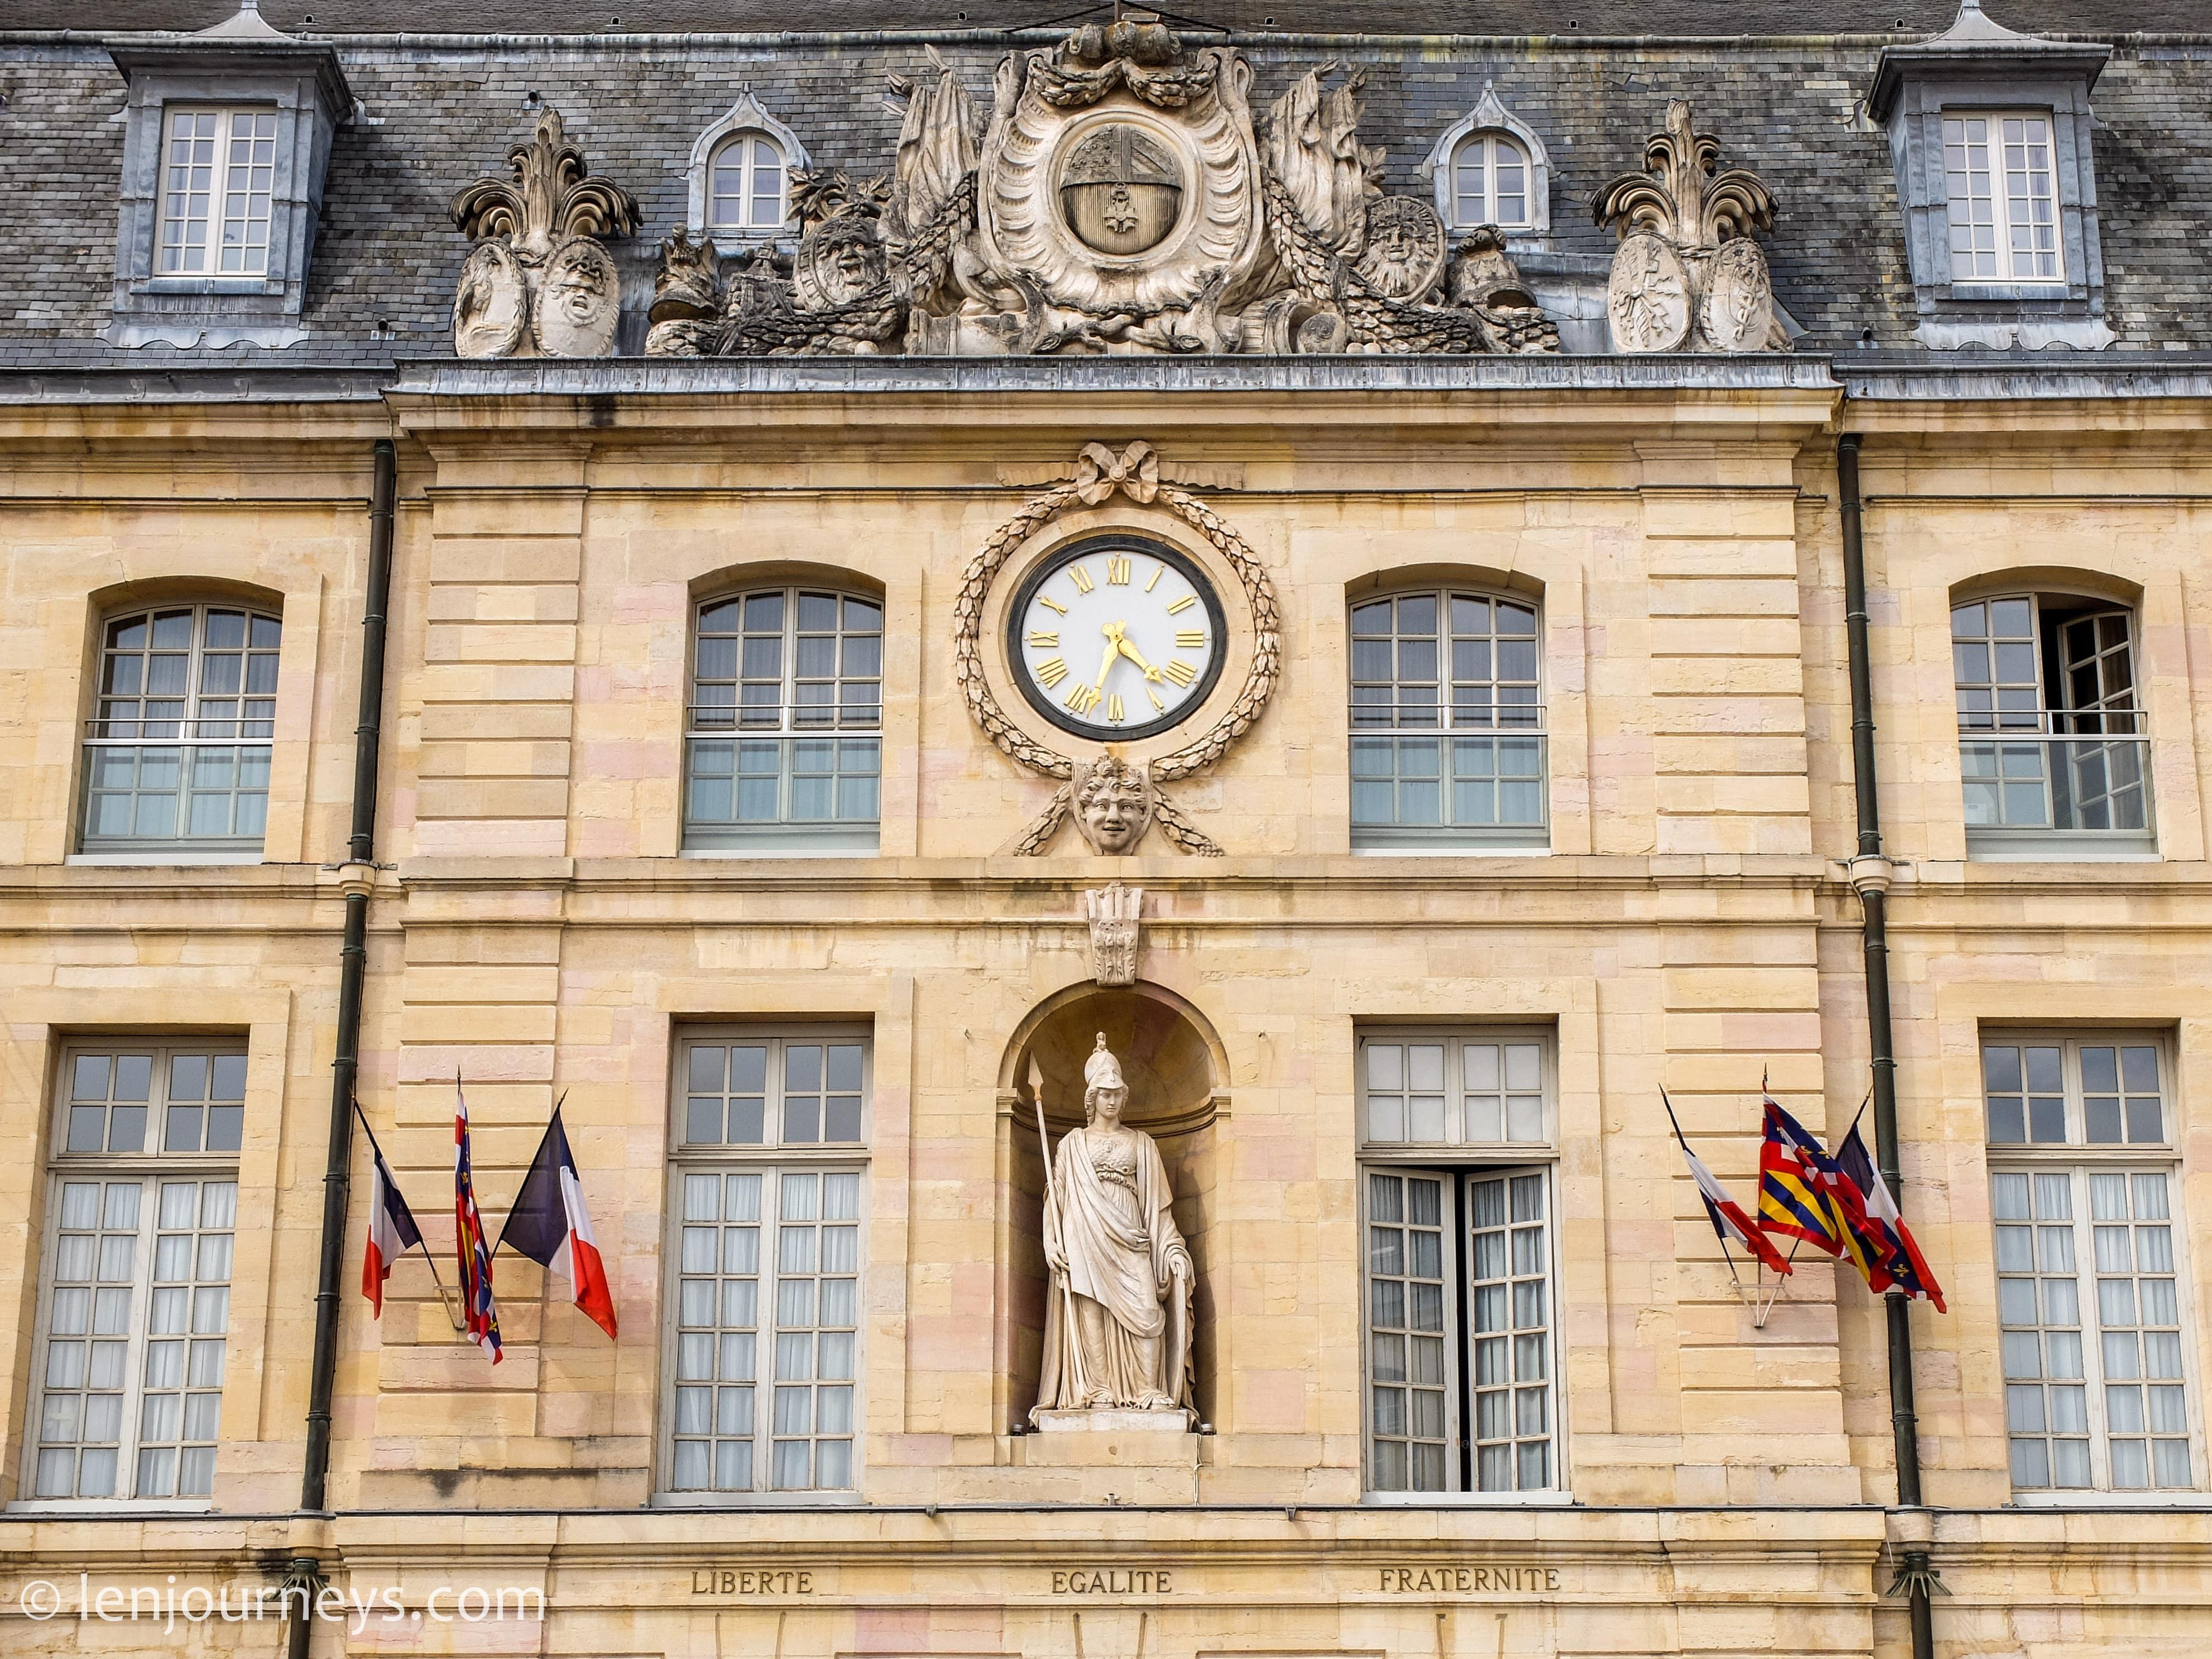 Facade of Dijon City Hall